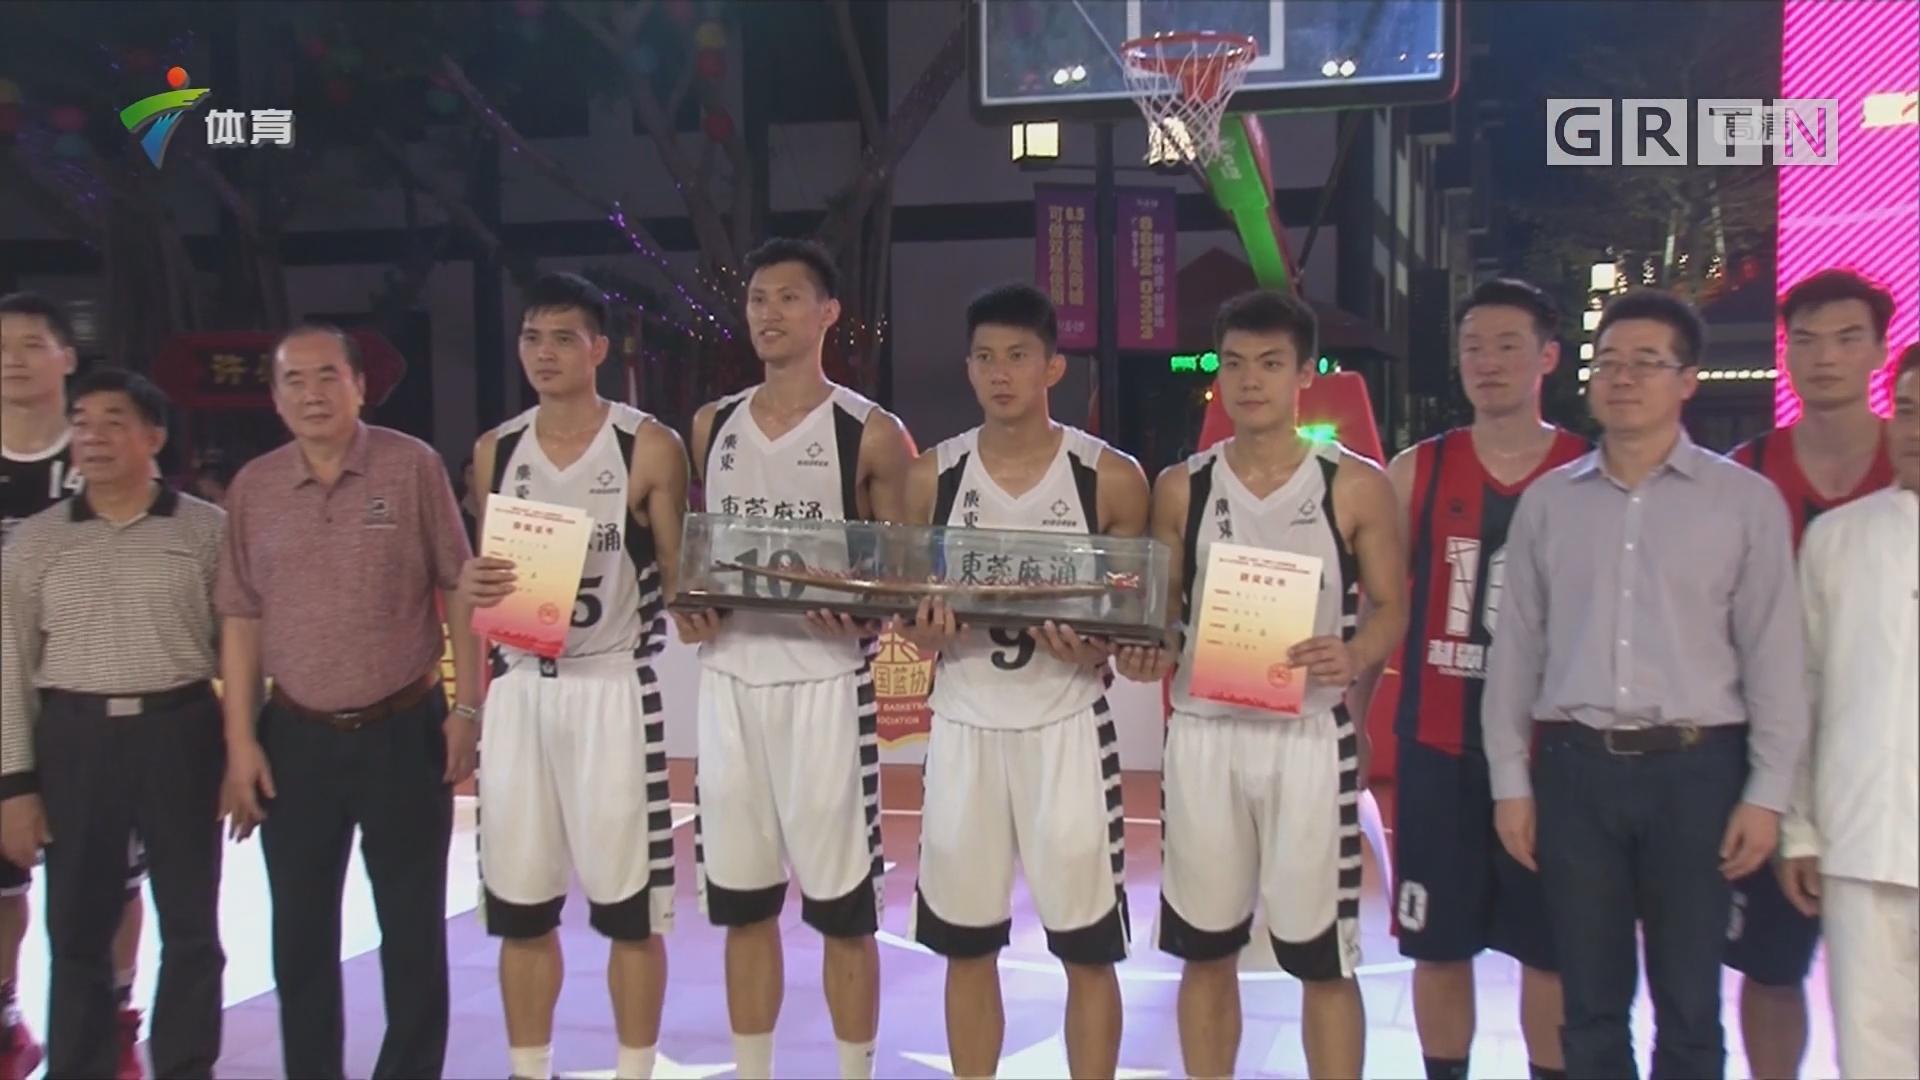 全国三人篮球擂台赛 广东夺冠为国出战亚洲杯